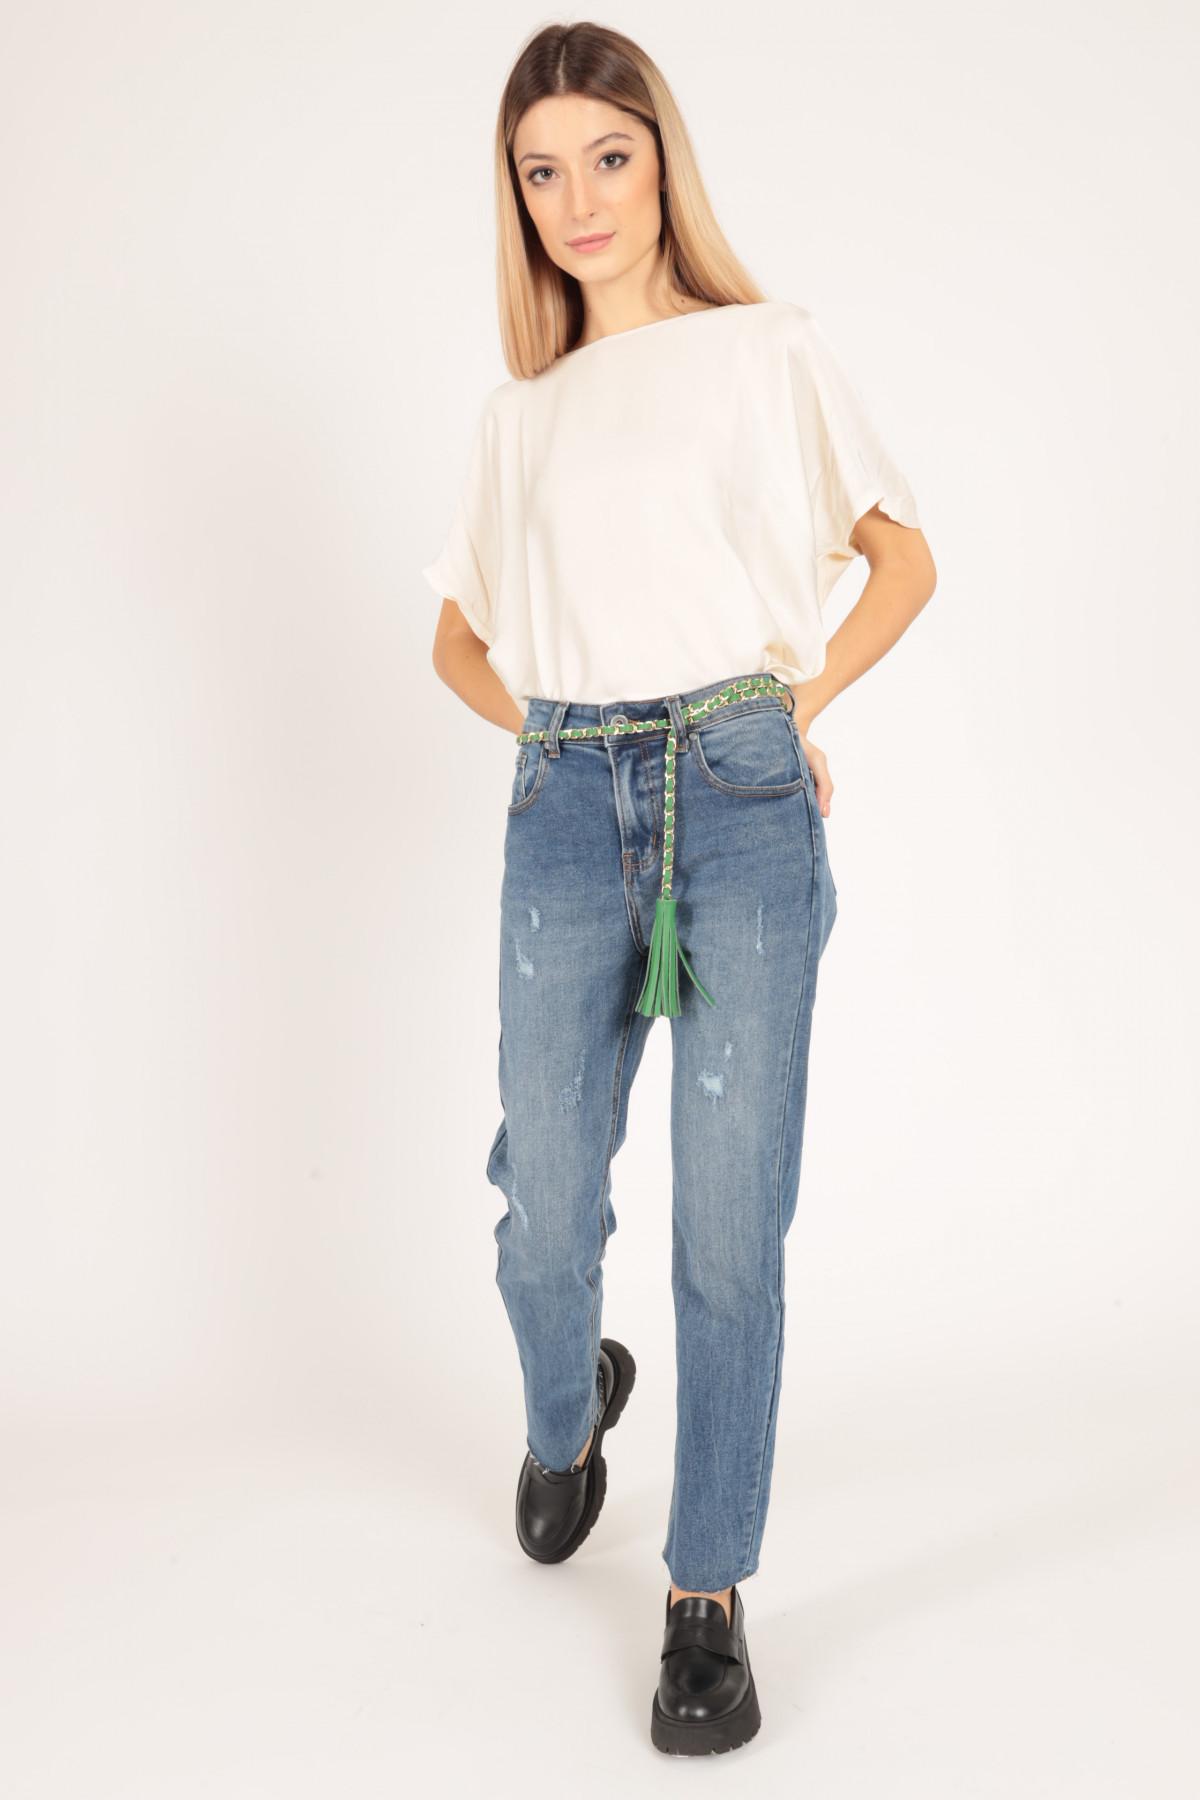 Jeans t.vivo 93%co 5%pl 2%ea